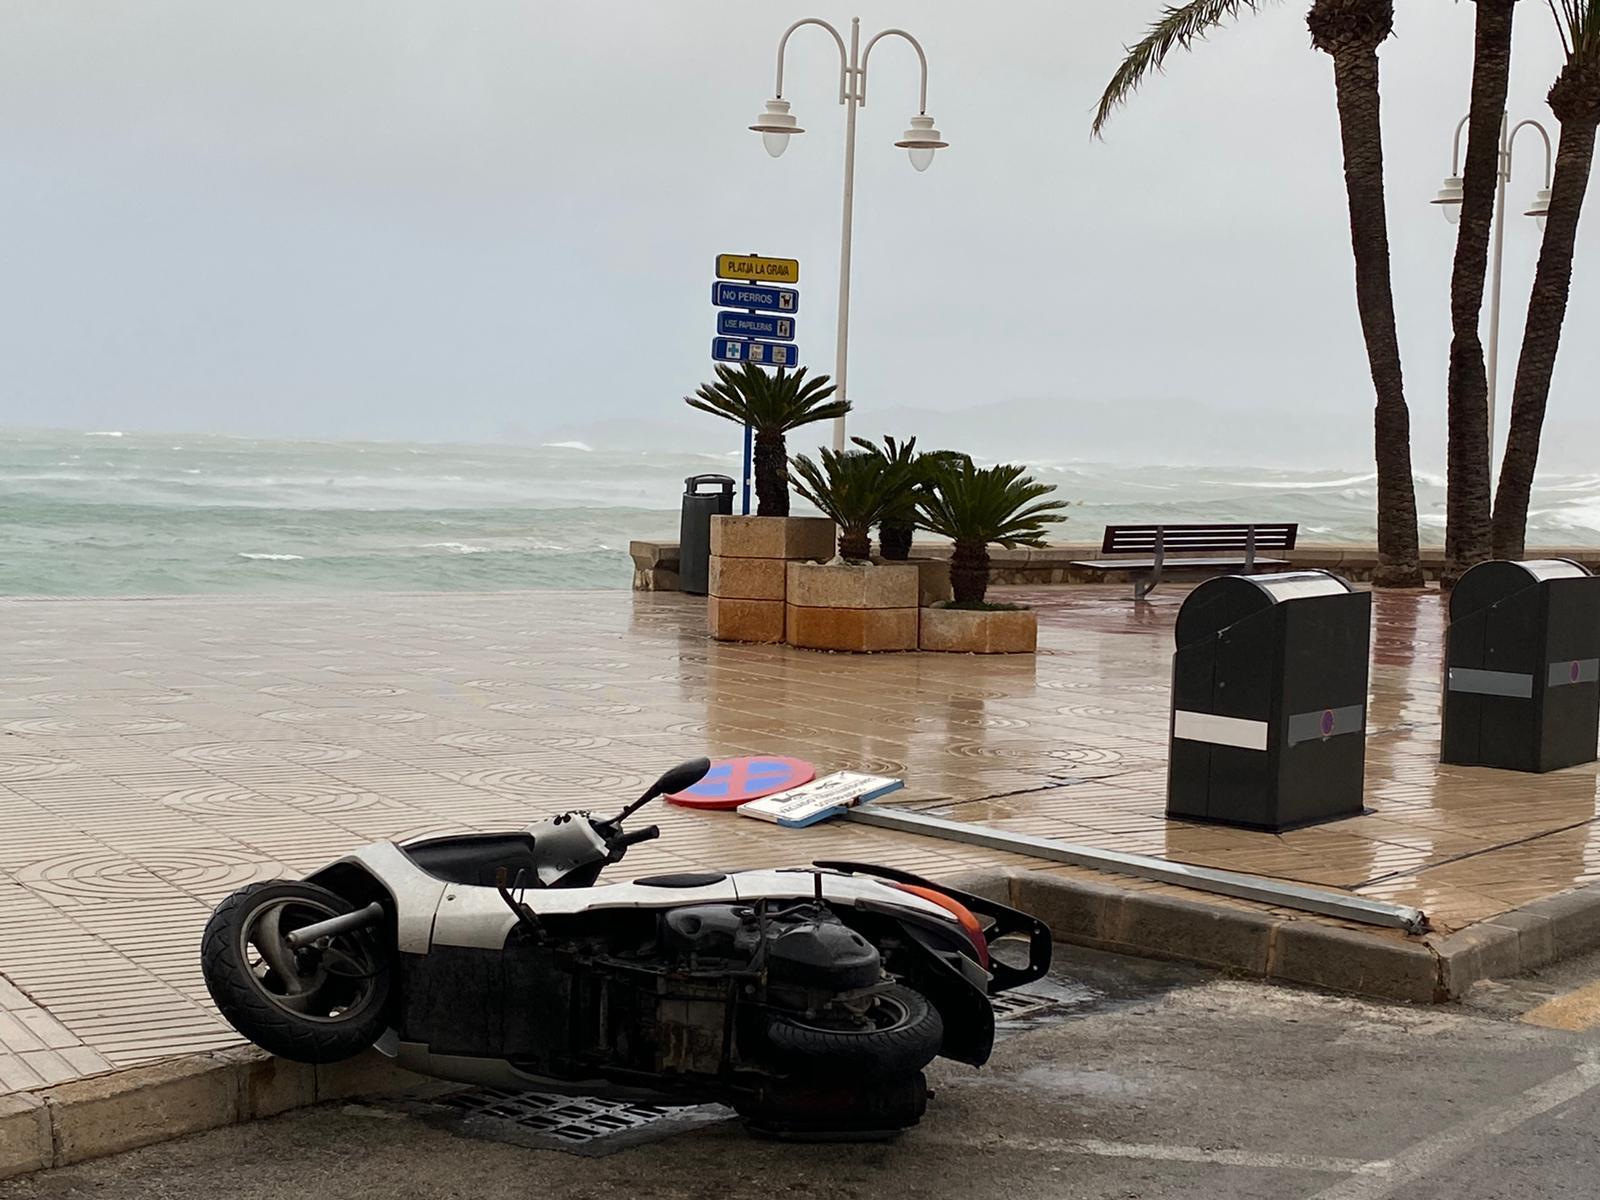 Una motocicleta cae a causa del viento